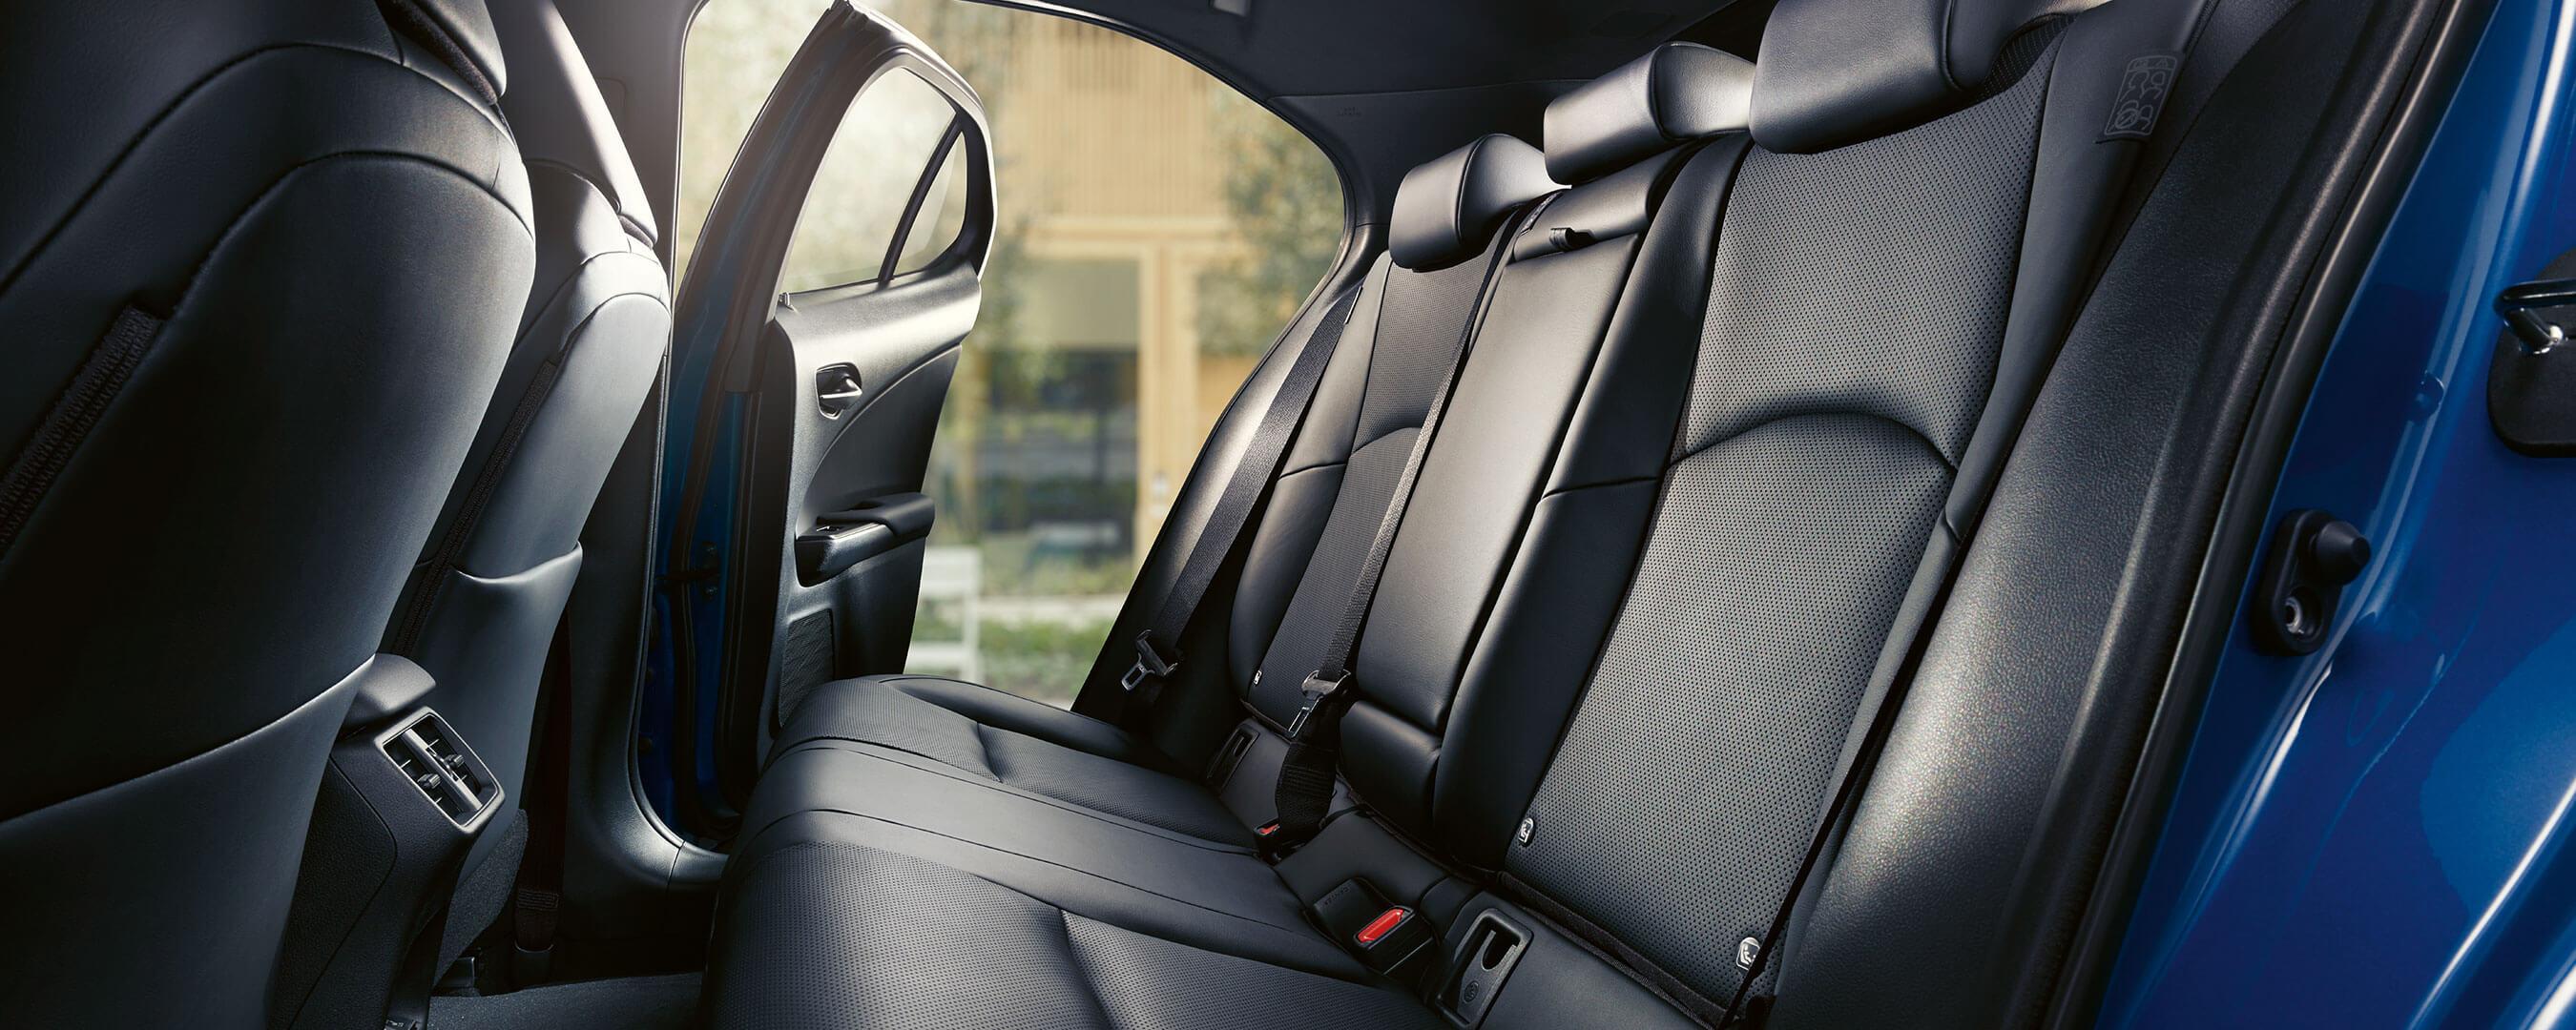 2021 lexus ux 300e experience interior rear